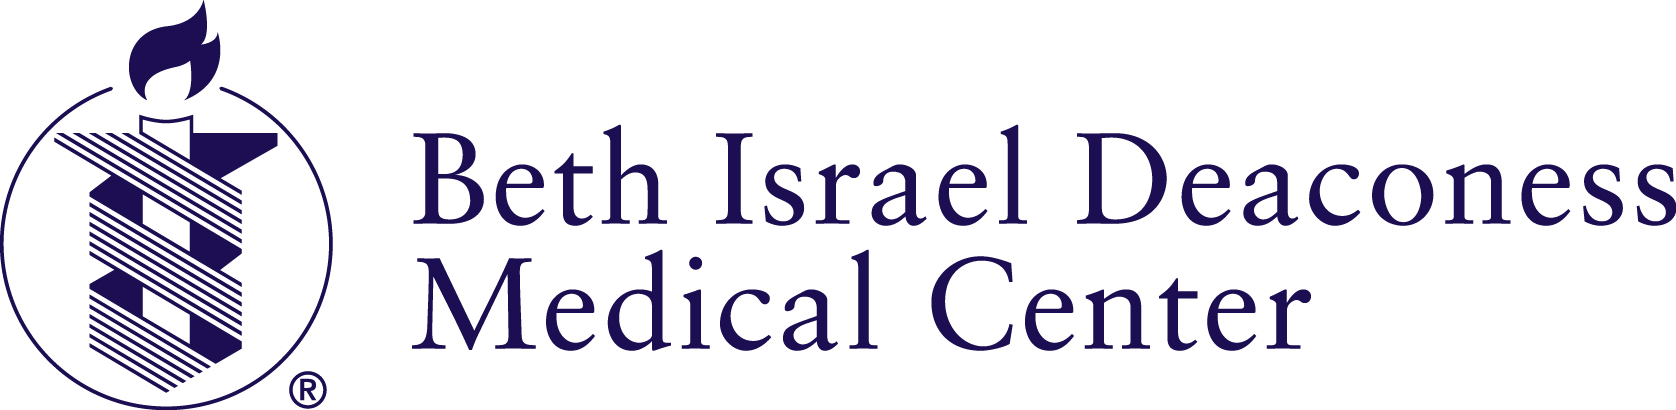 Beth Israel Deaconess Med Center.jpg